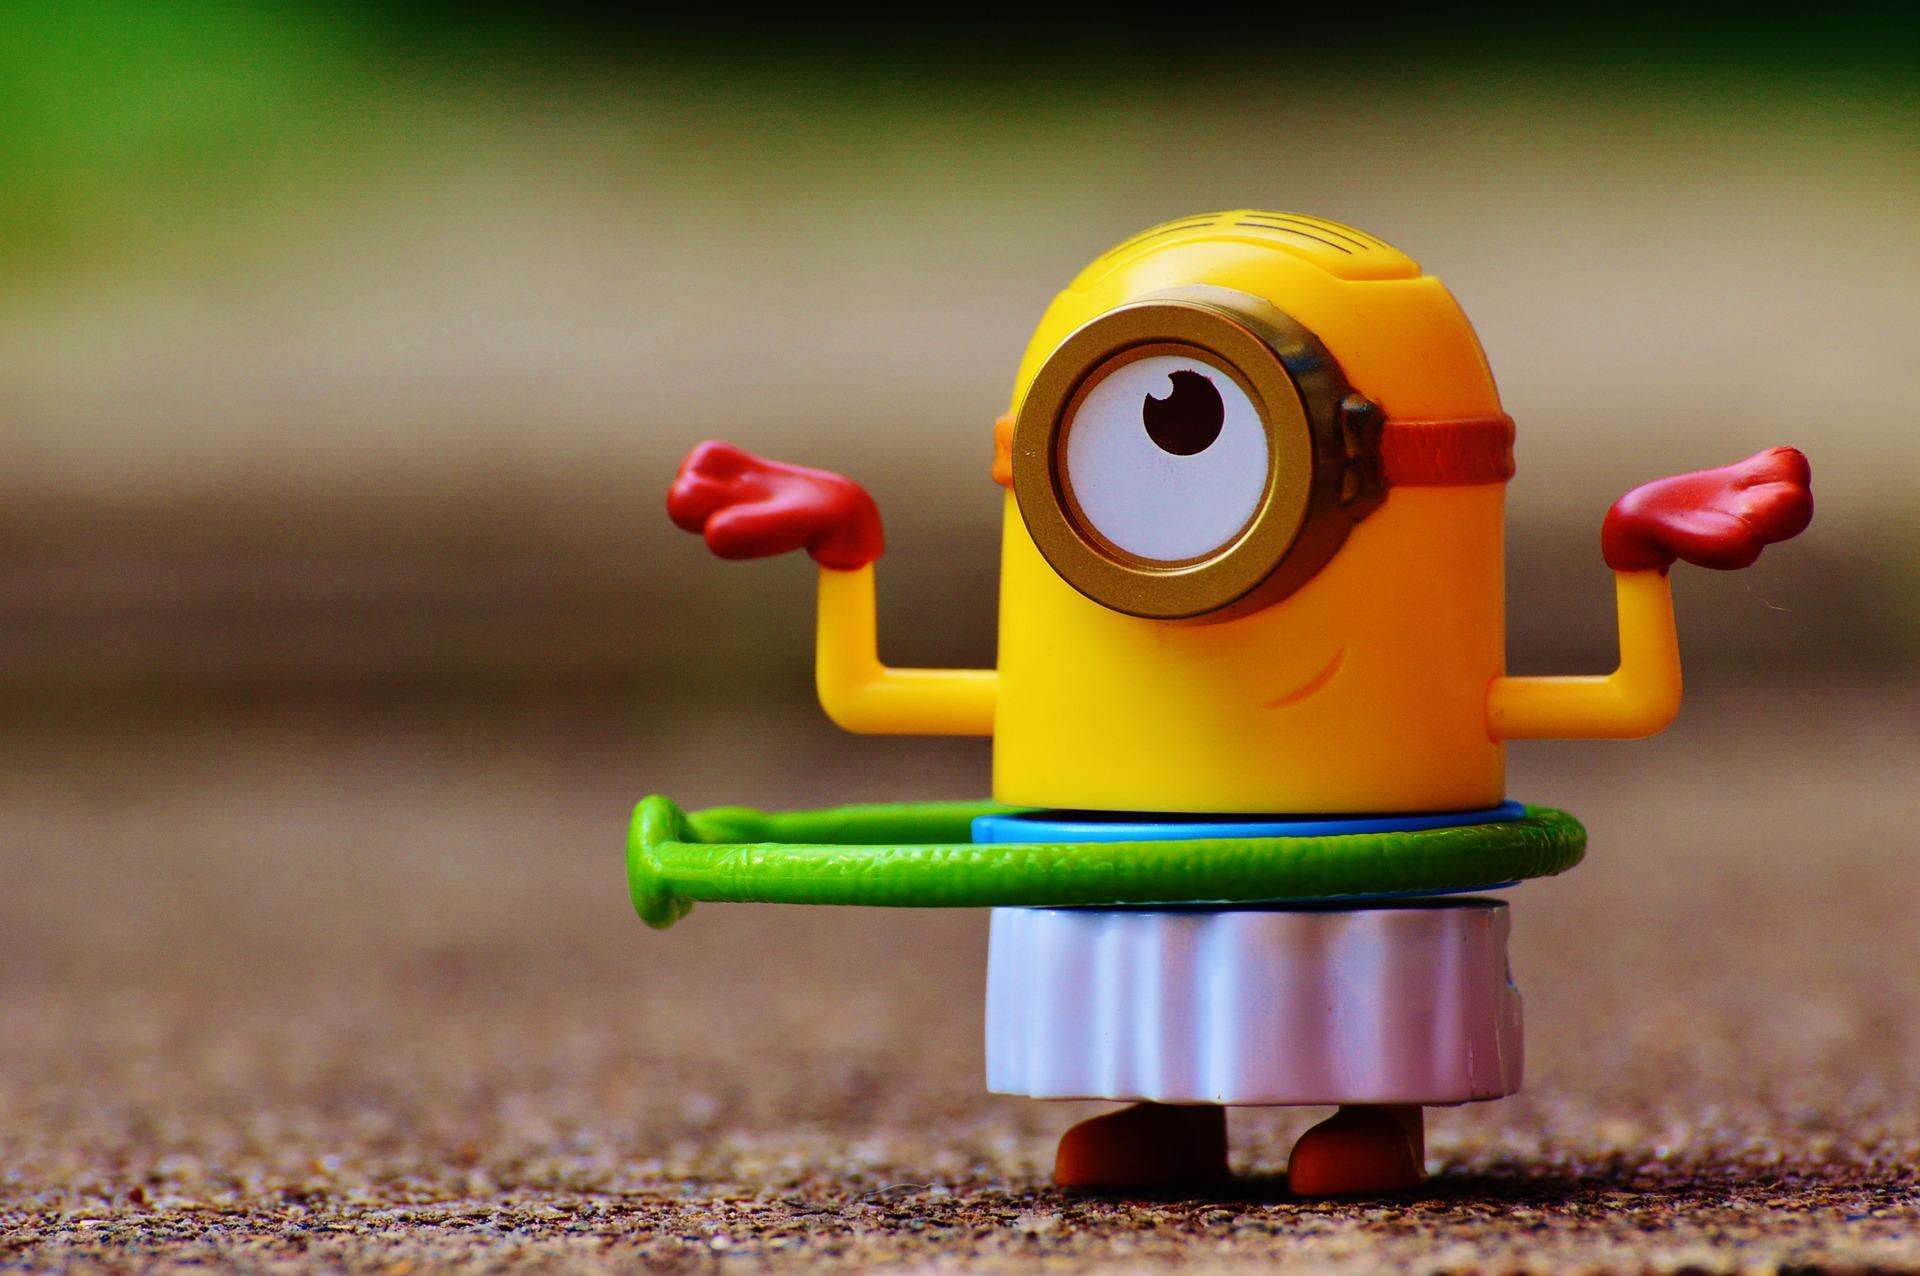 Minion, anello, Giocattolo, Figura, occhio - Sfondi HD - Professor-falken.com